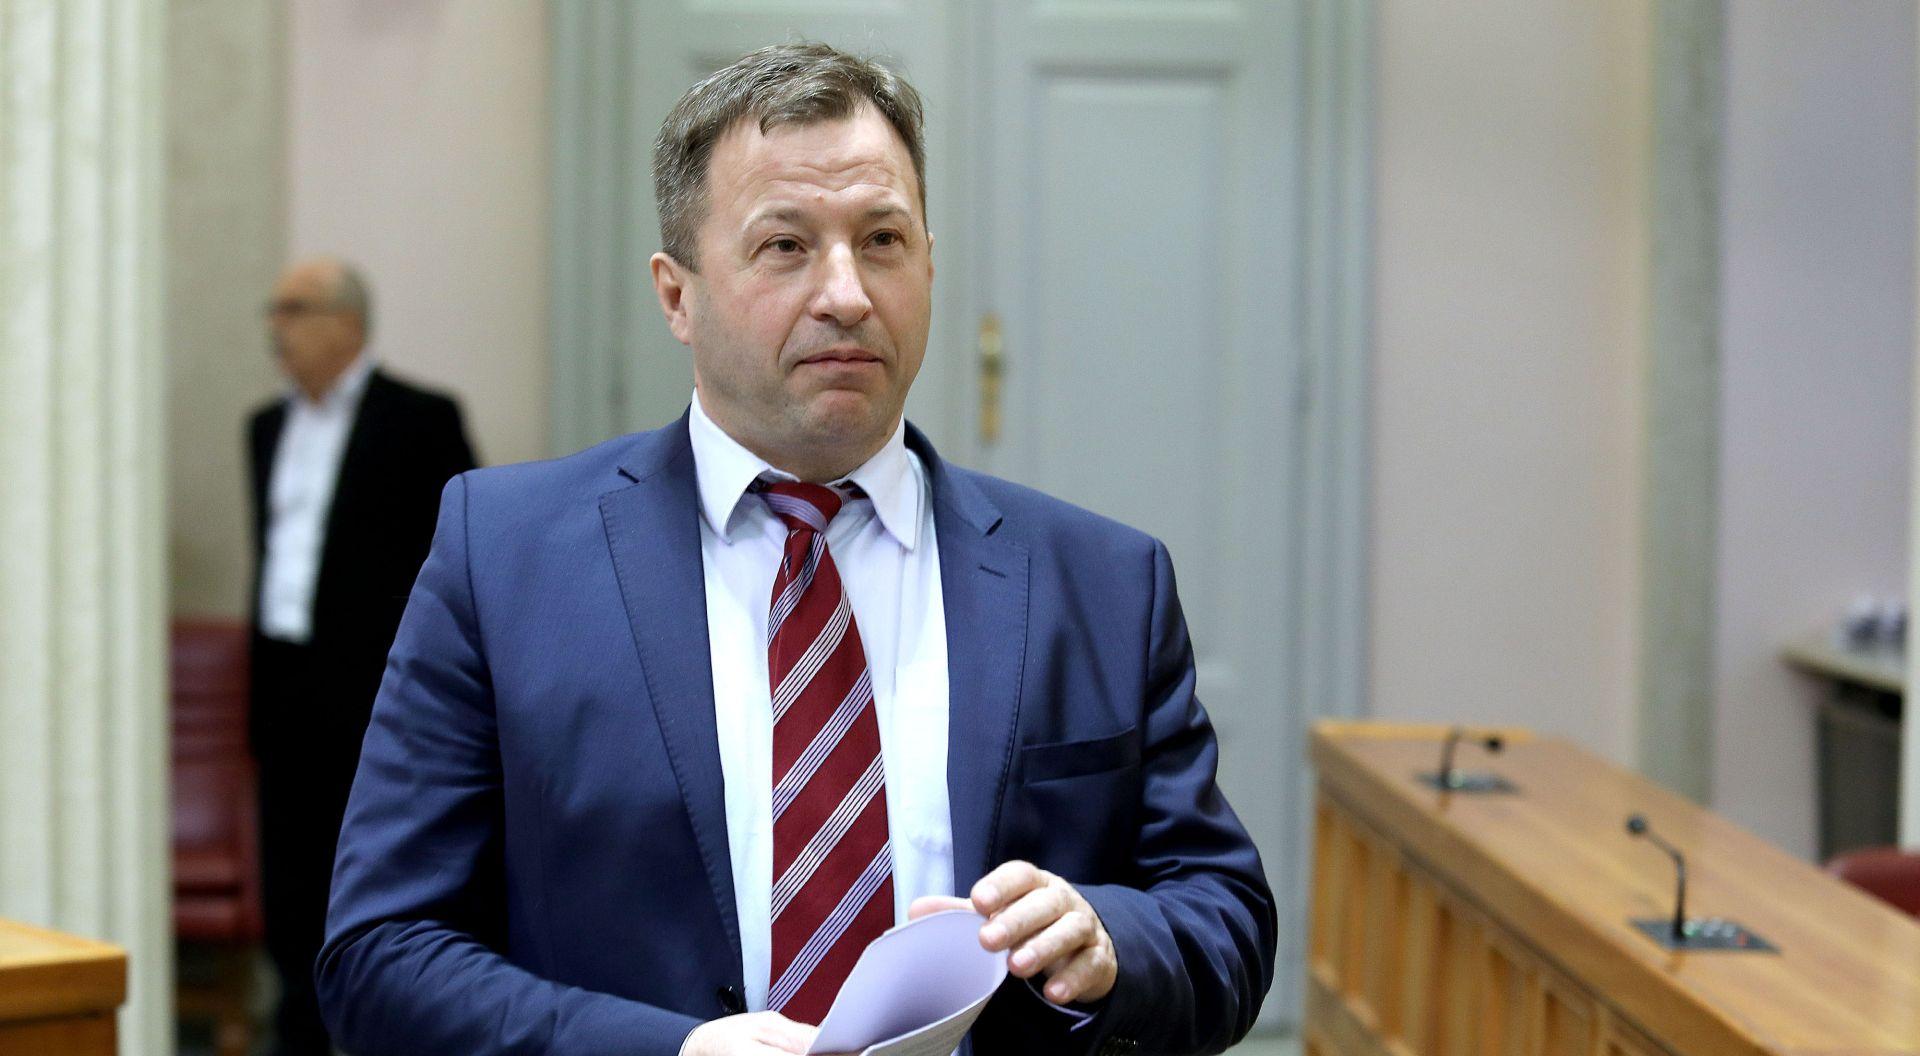 UZ POTPORU MOSTA Tomislav Panenić nezavisni kandidat za vukovarsko-srijemskog župana